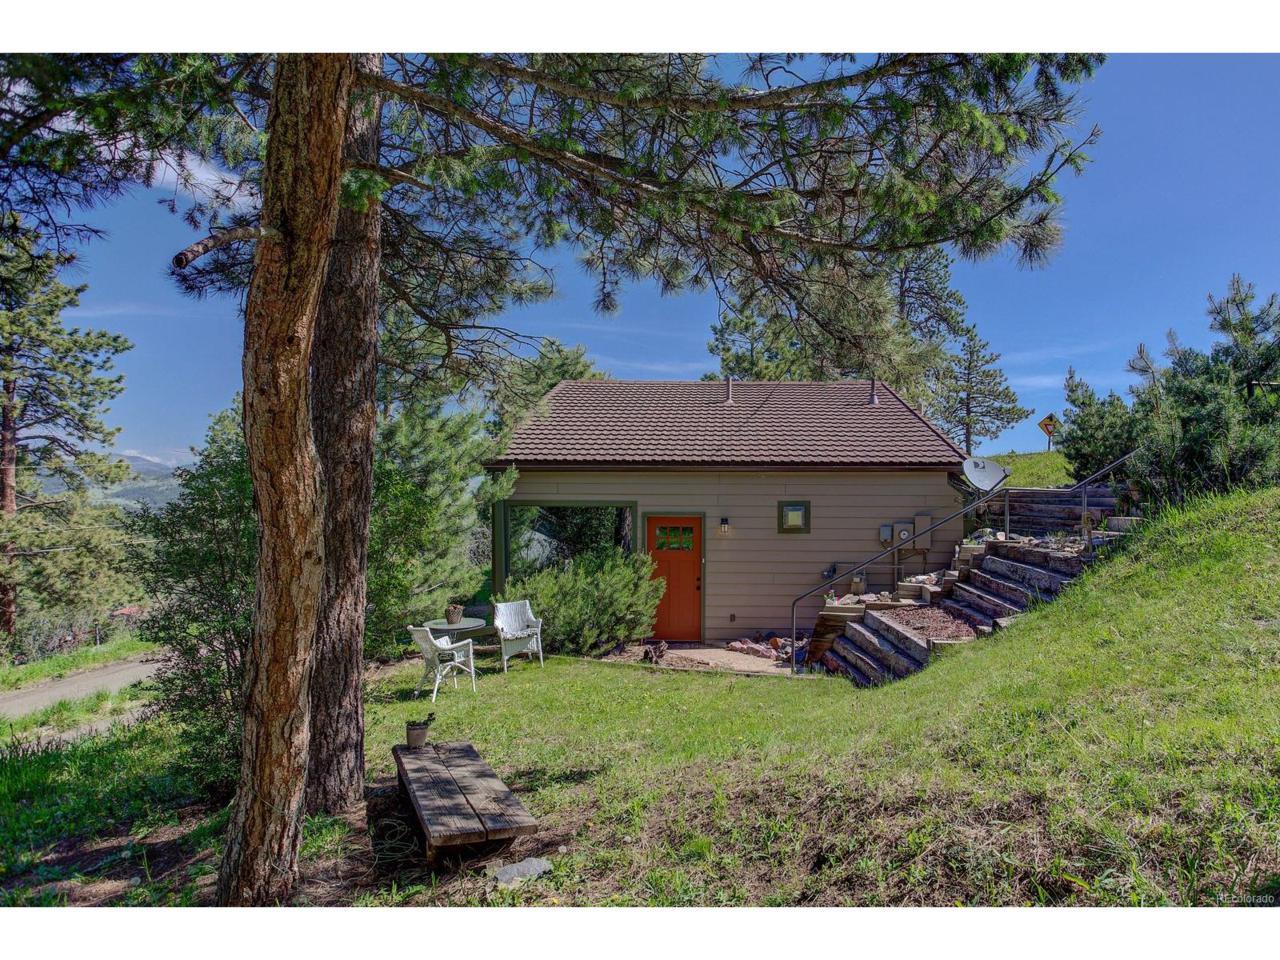 44 Spruce Road, Golden, CO 80401 (MLS #6380891) :: 8z Real Estate